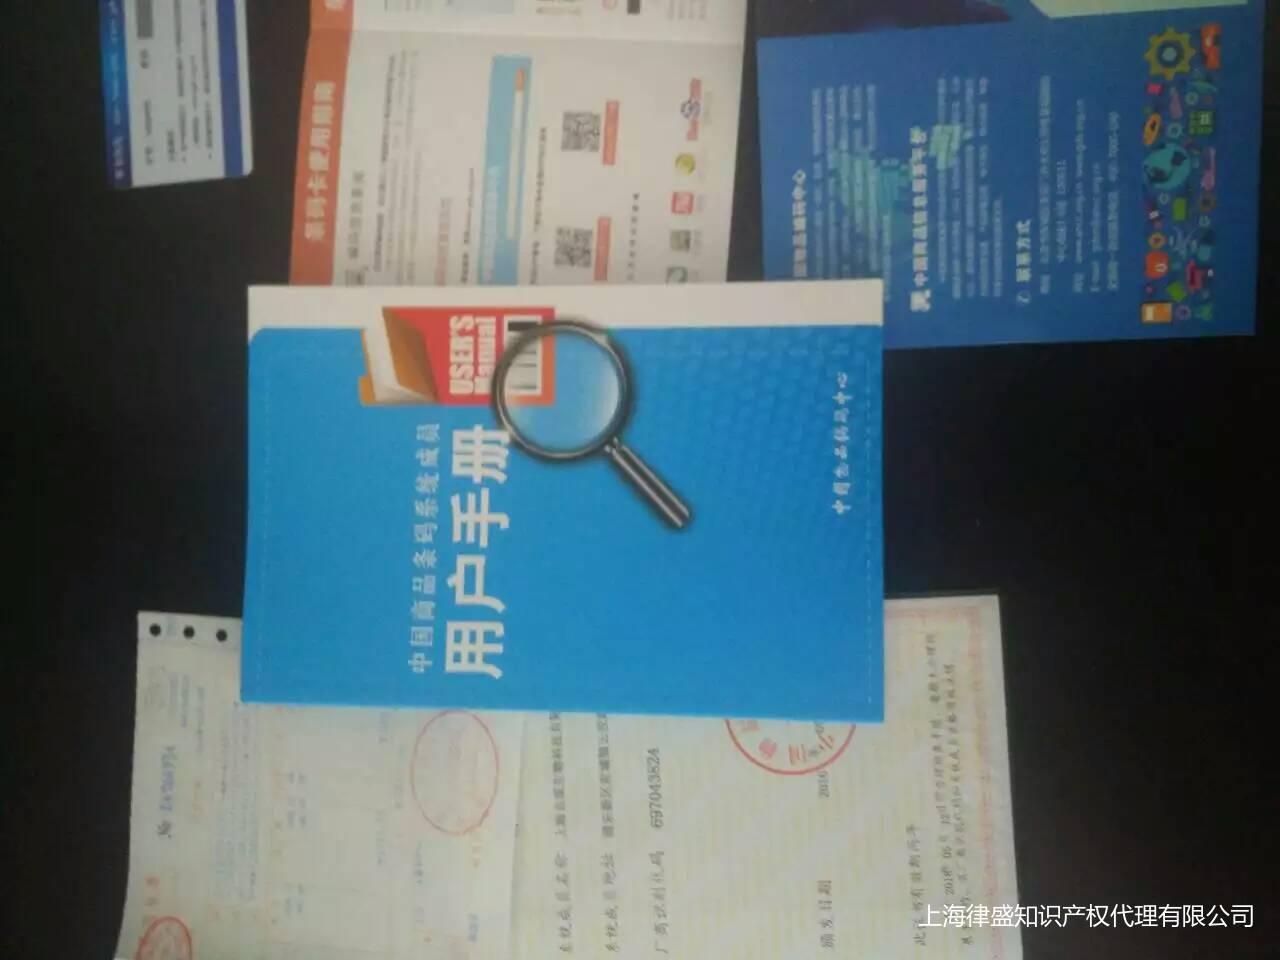 上海条形码.jpg